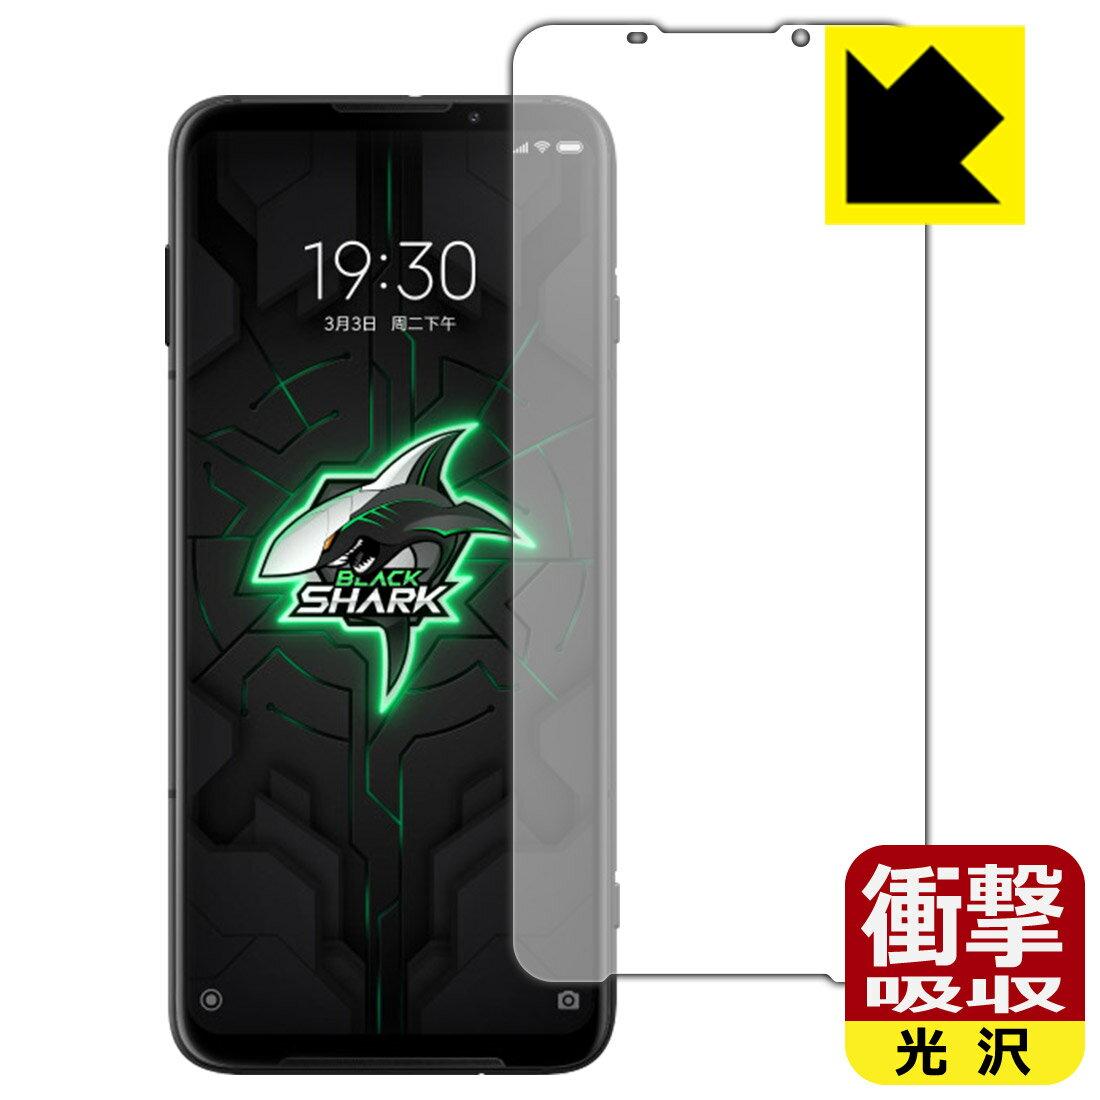 スマートフォン・携帯電話アクセサリー, 液晶保護フィルム  Black Shark3 RCPsmtb-kd